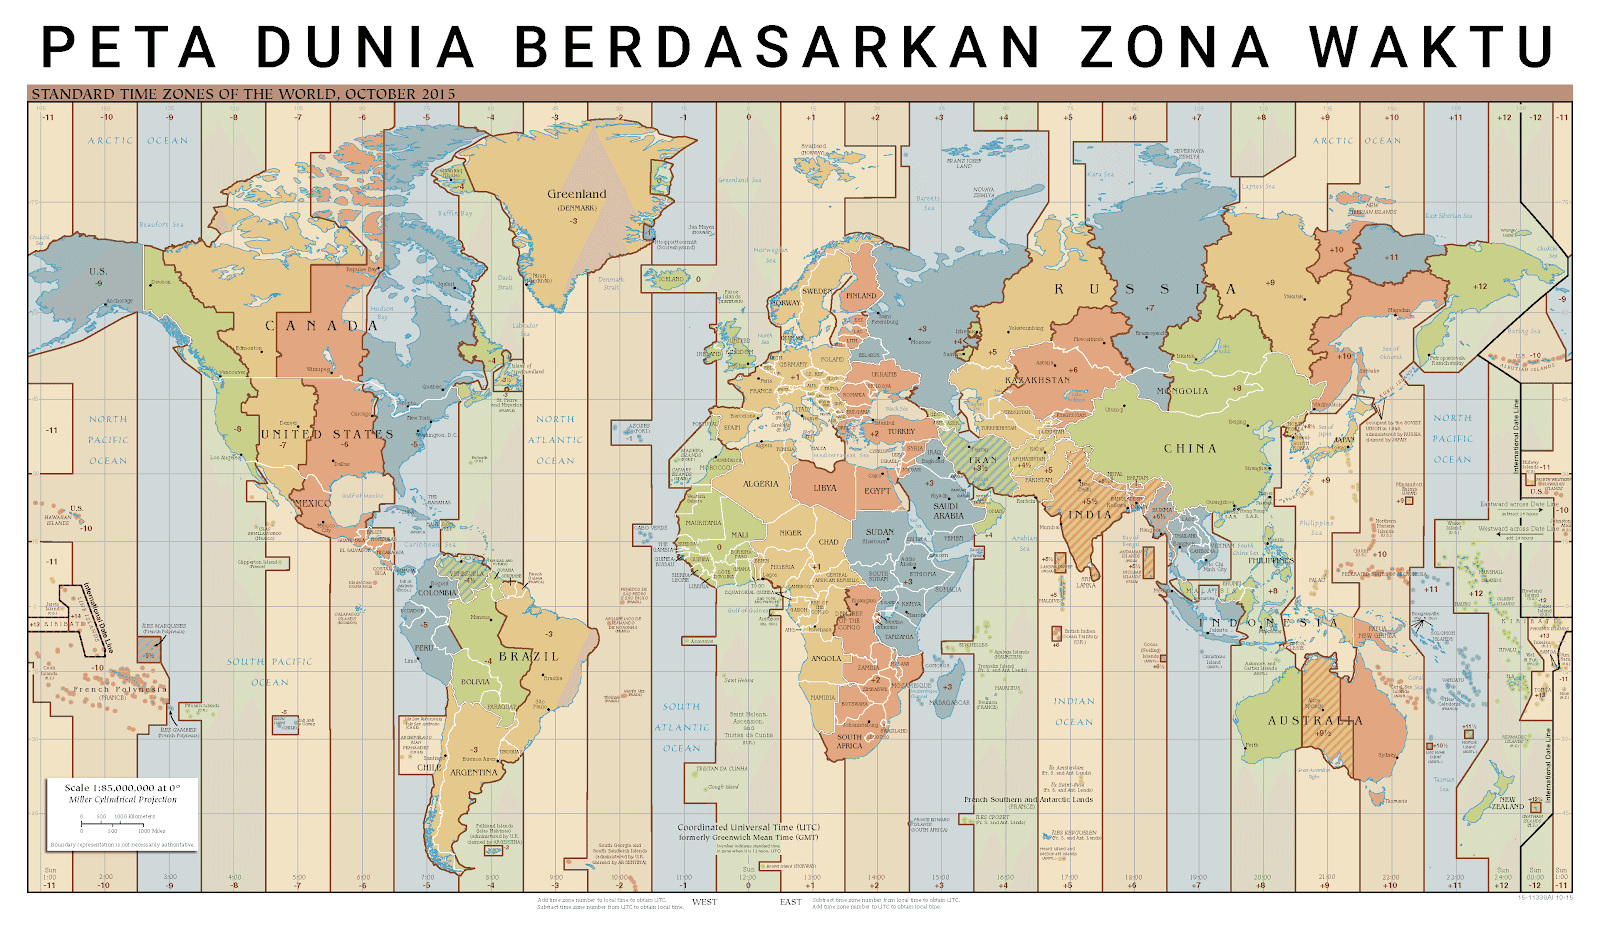 Gambar peta dunia ukuran besar berdasarkan zona waktu